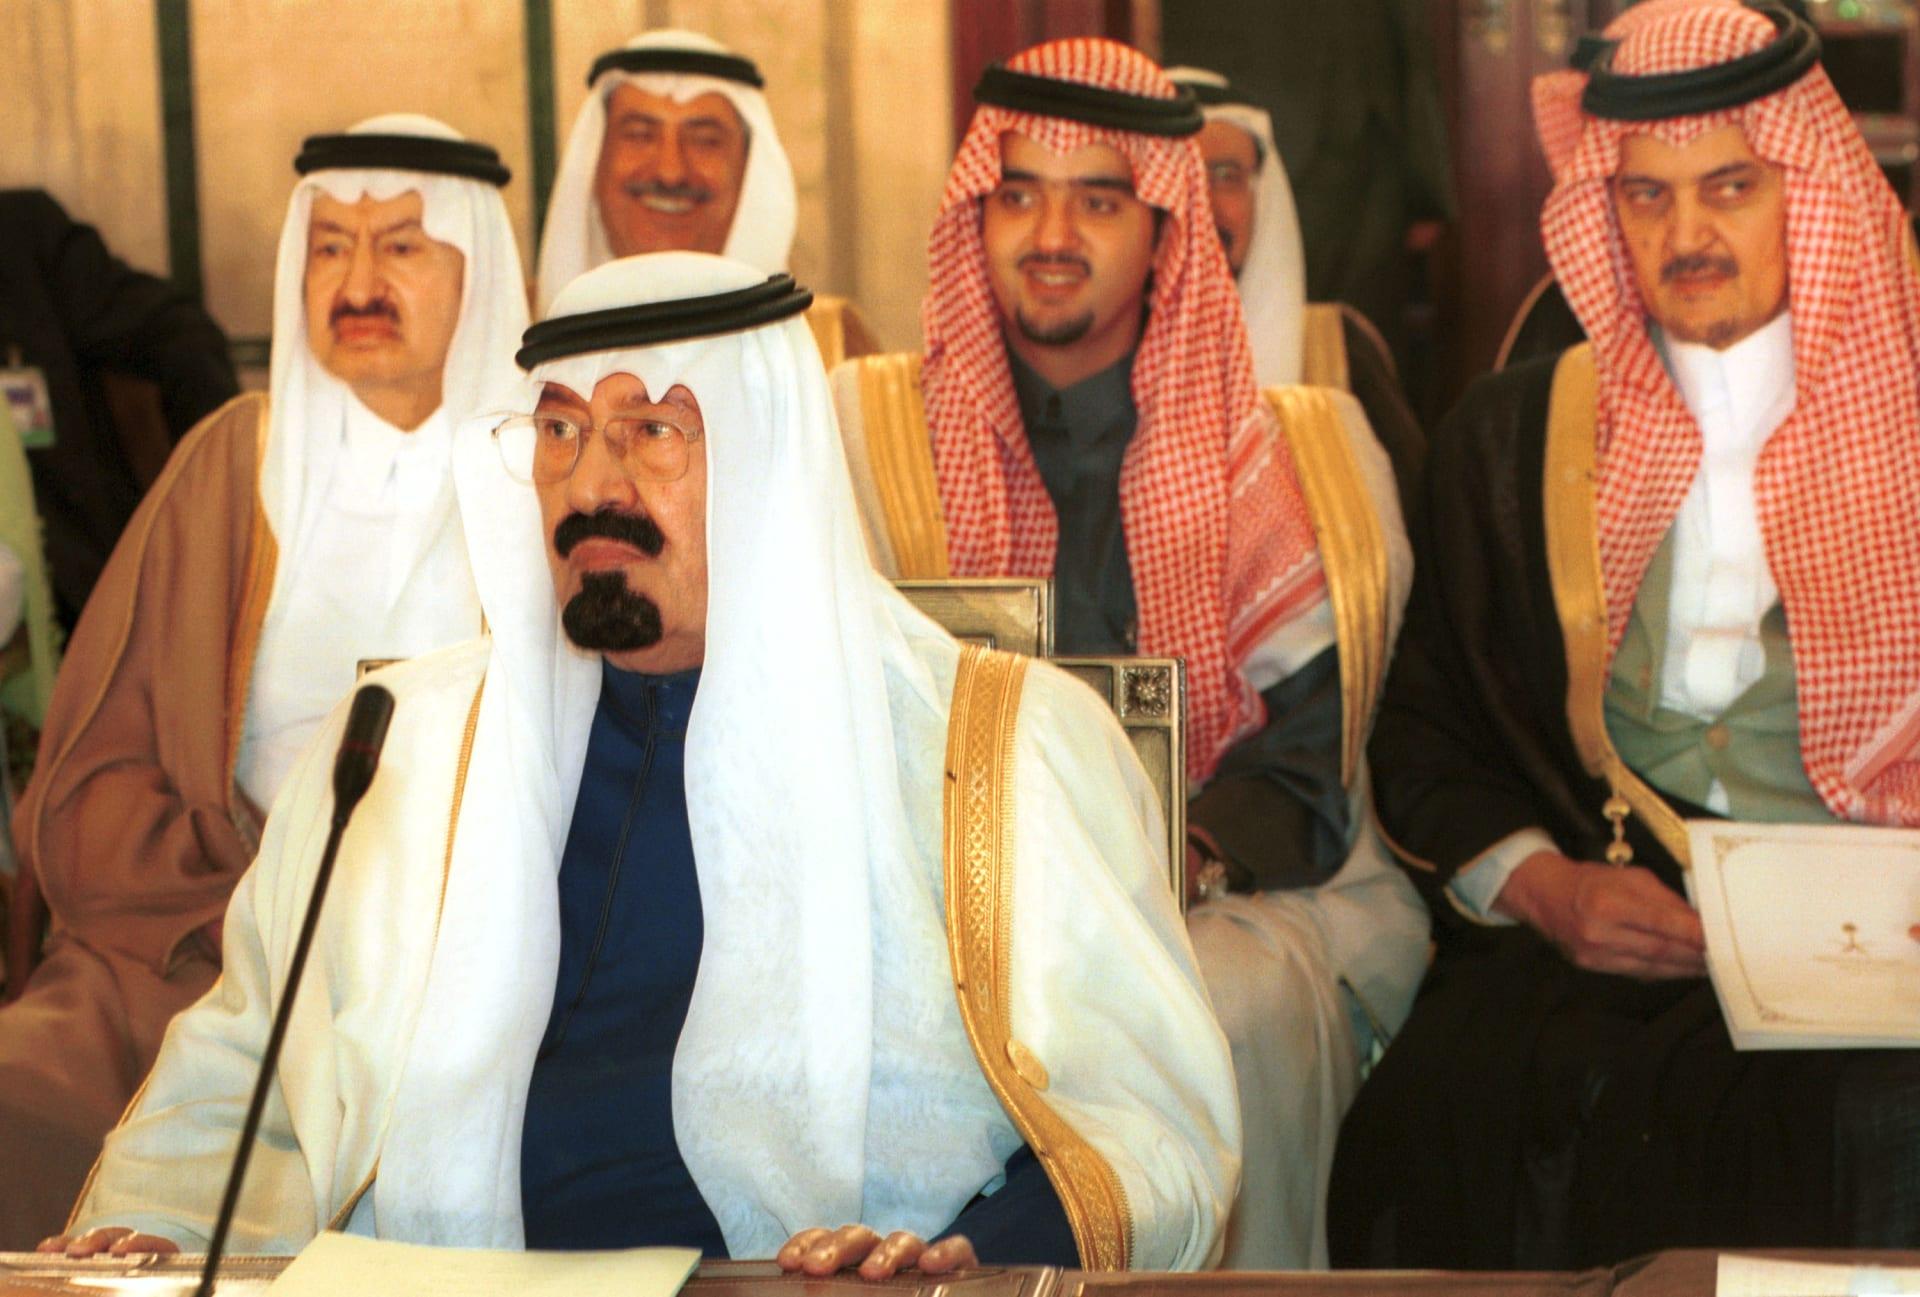 السعودية تتمسك بها.. ما هي بنود المبادرة العربية للسلام مع إسرائيل؟